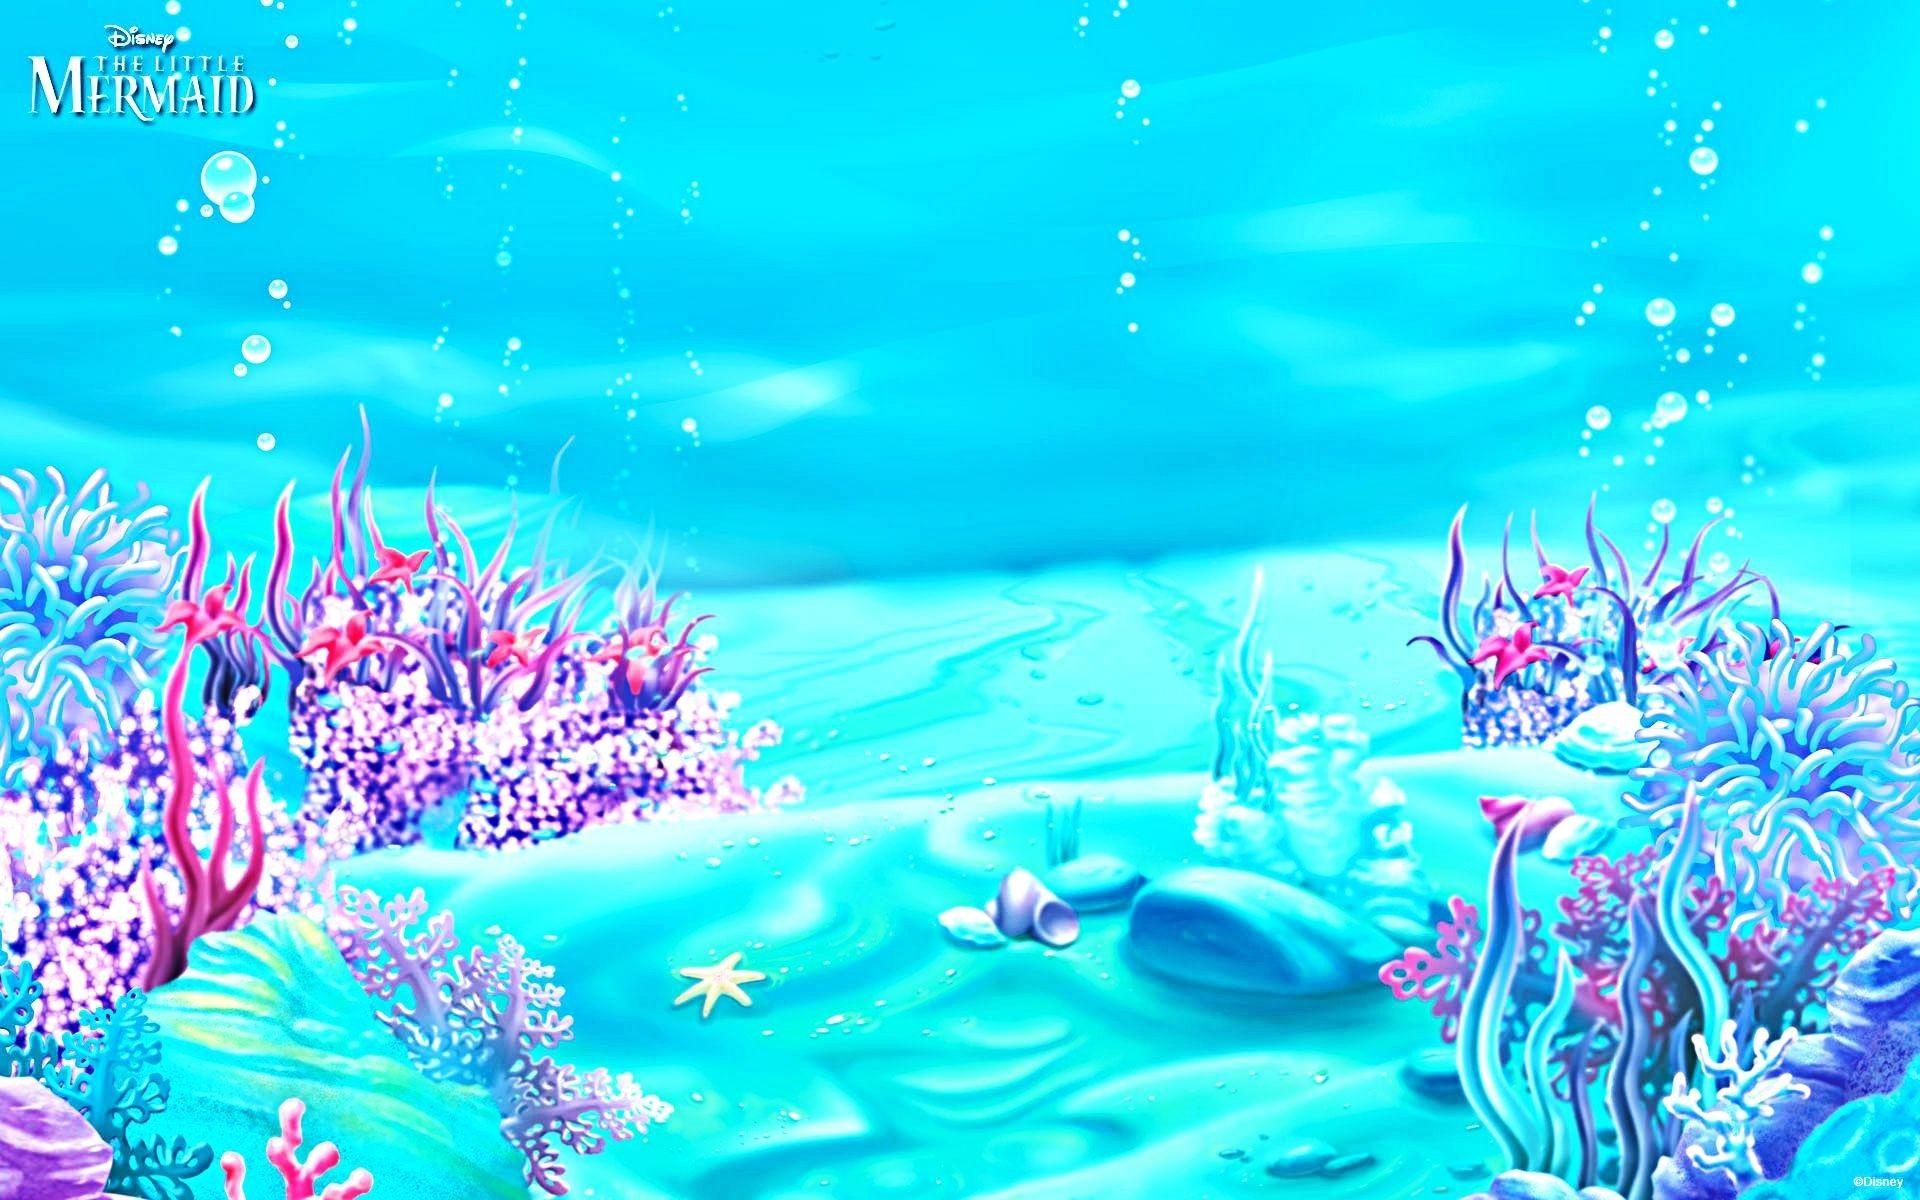 Luxury Little Mermaid Wallpaper | Mermaid wallpapers ...